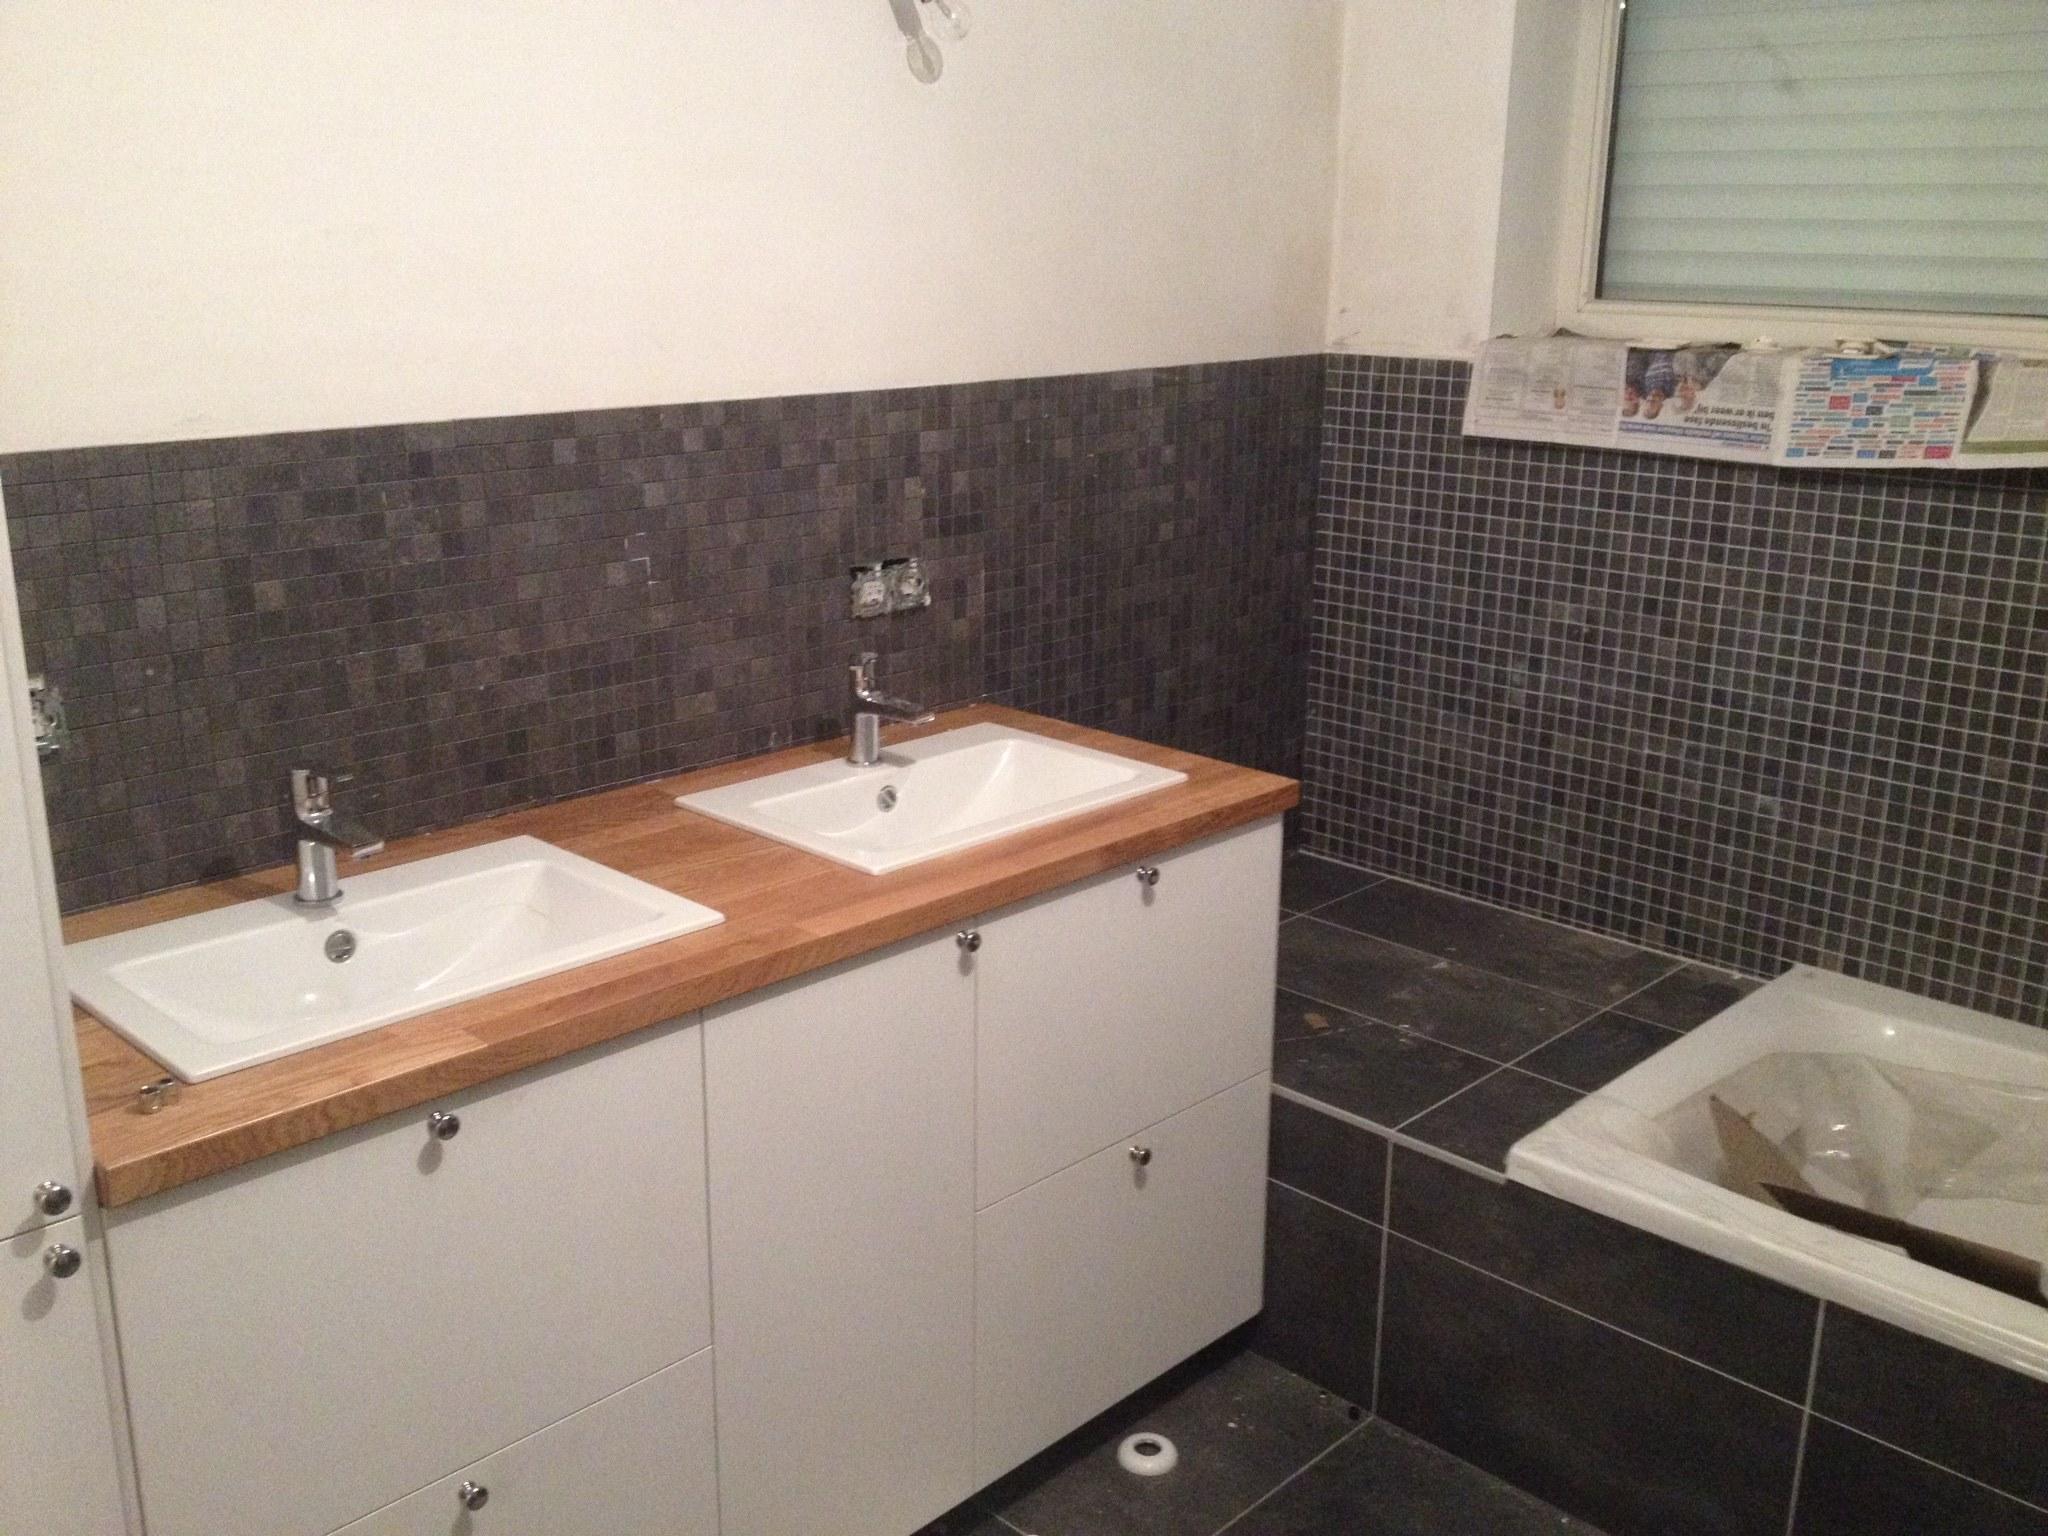 Renovatie Badkamer Knokke : Badkamerrenovatie vernieuwen badkamer bert rebry roeselare